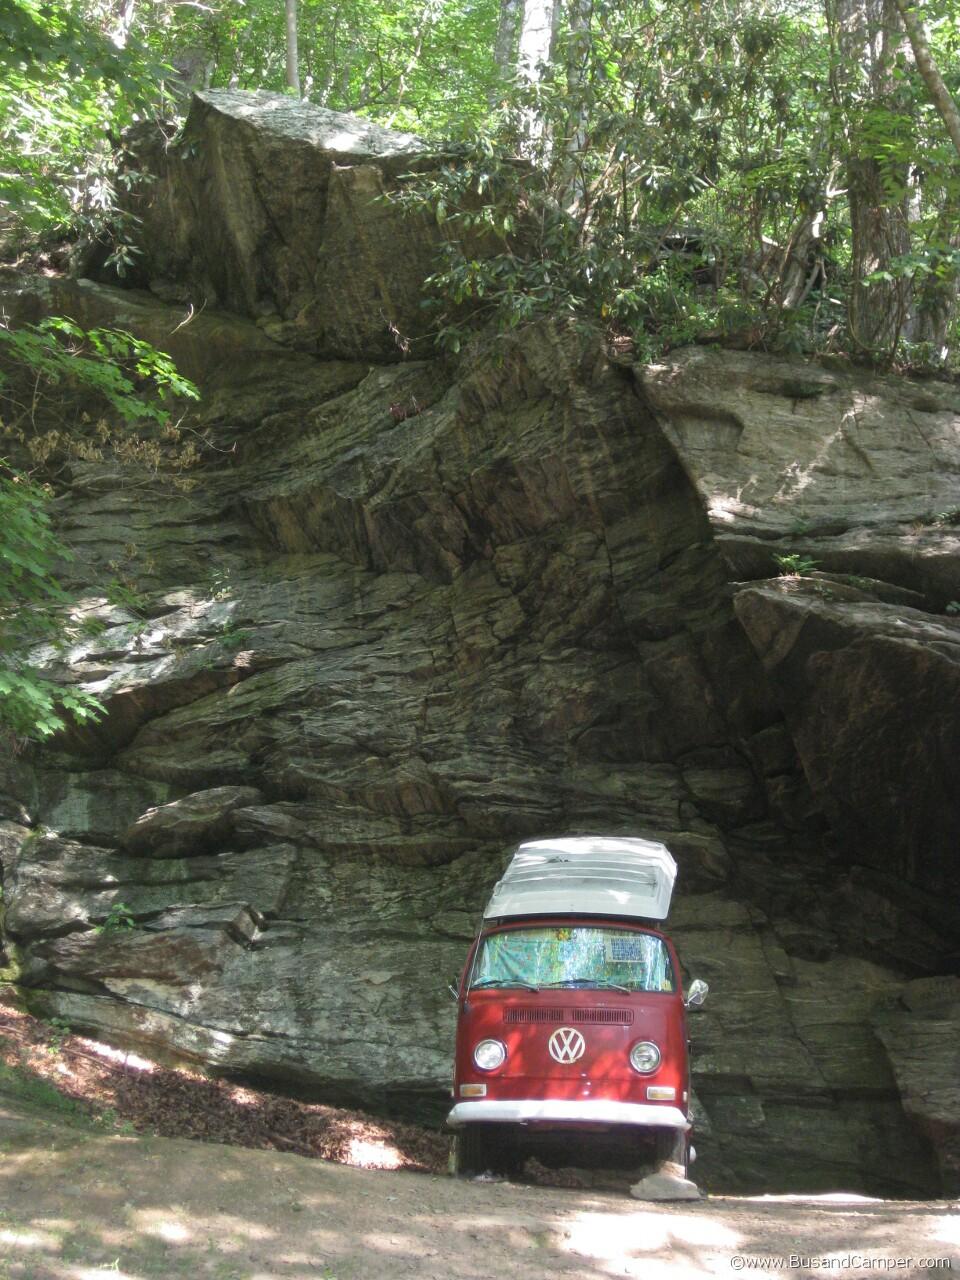 Chianti Red VW Camper